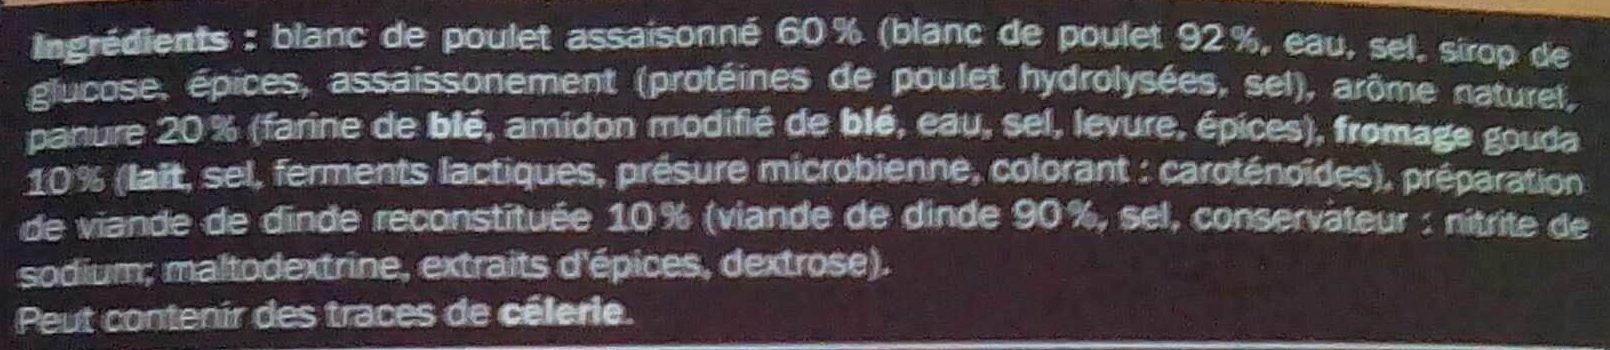 Glenfell - Cordon bleu de poulet - Ingrédients - fr